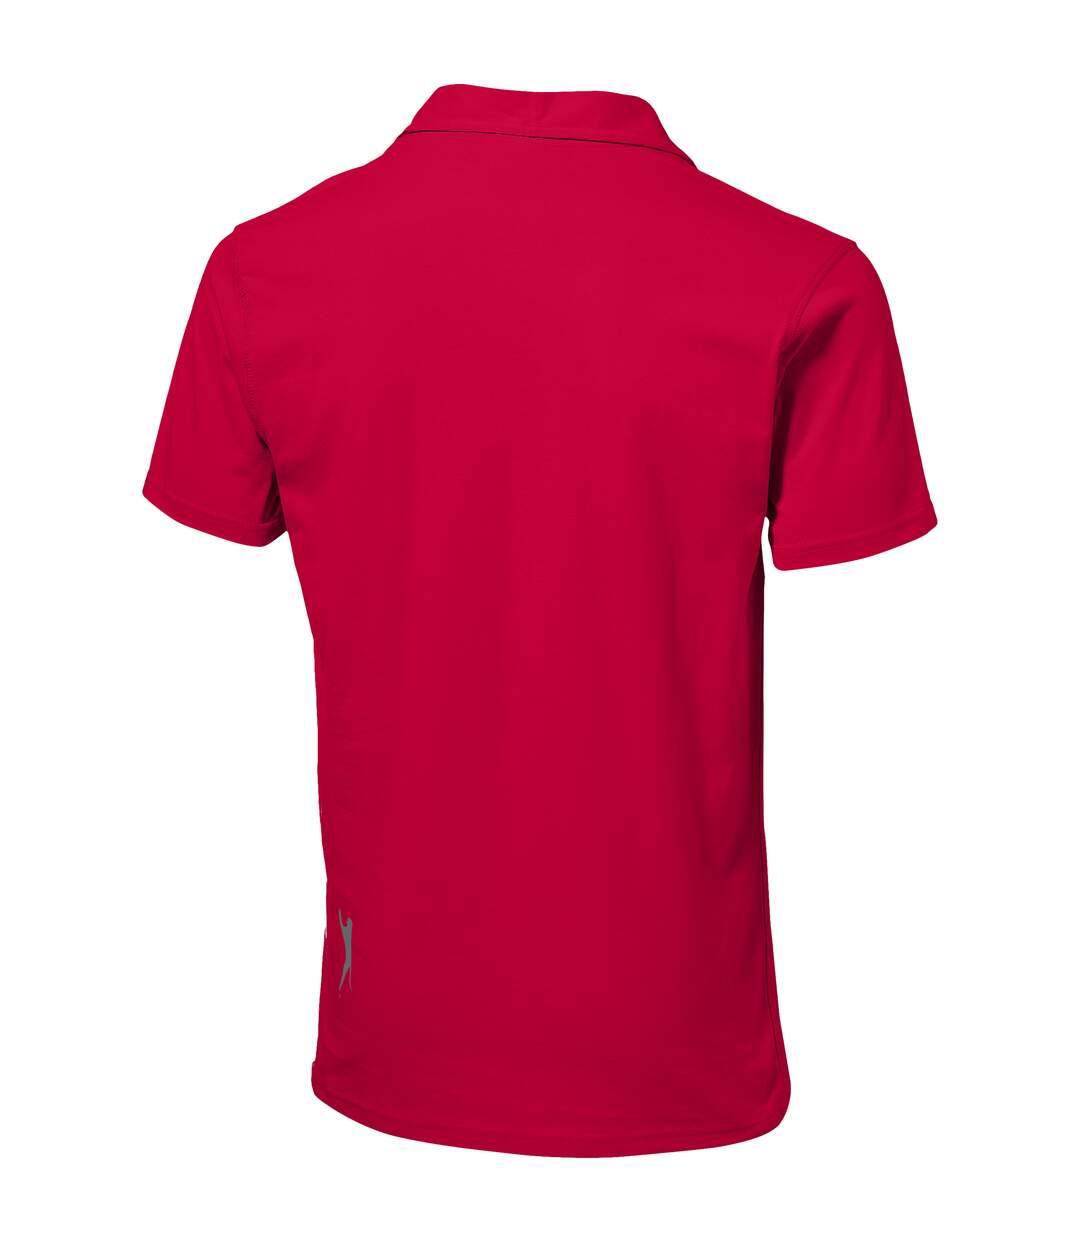 Slazenger Mens Let Short Sleeve Polo (Red) - UTPF1740